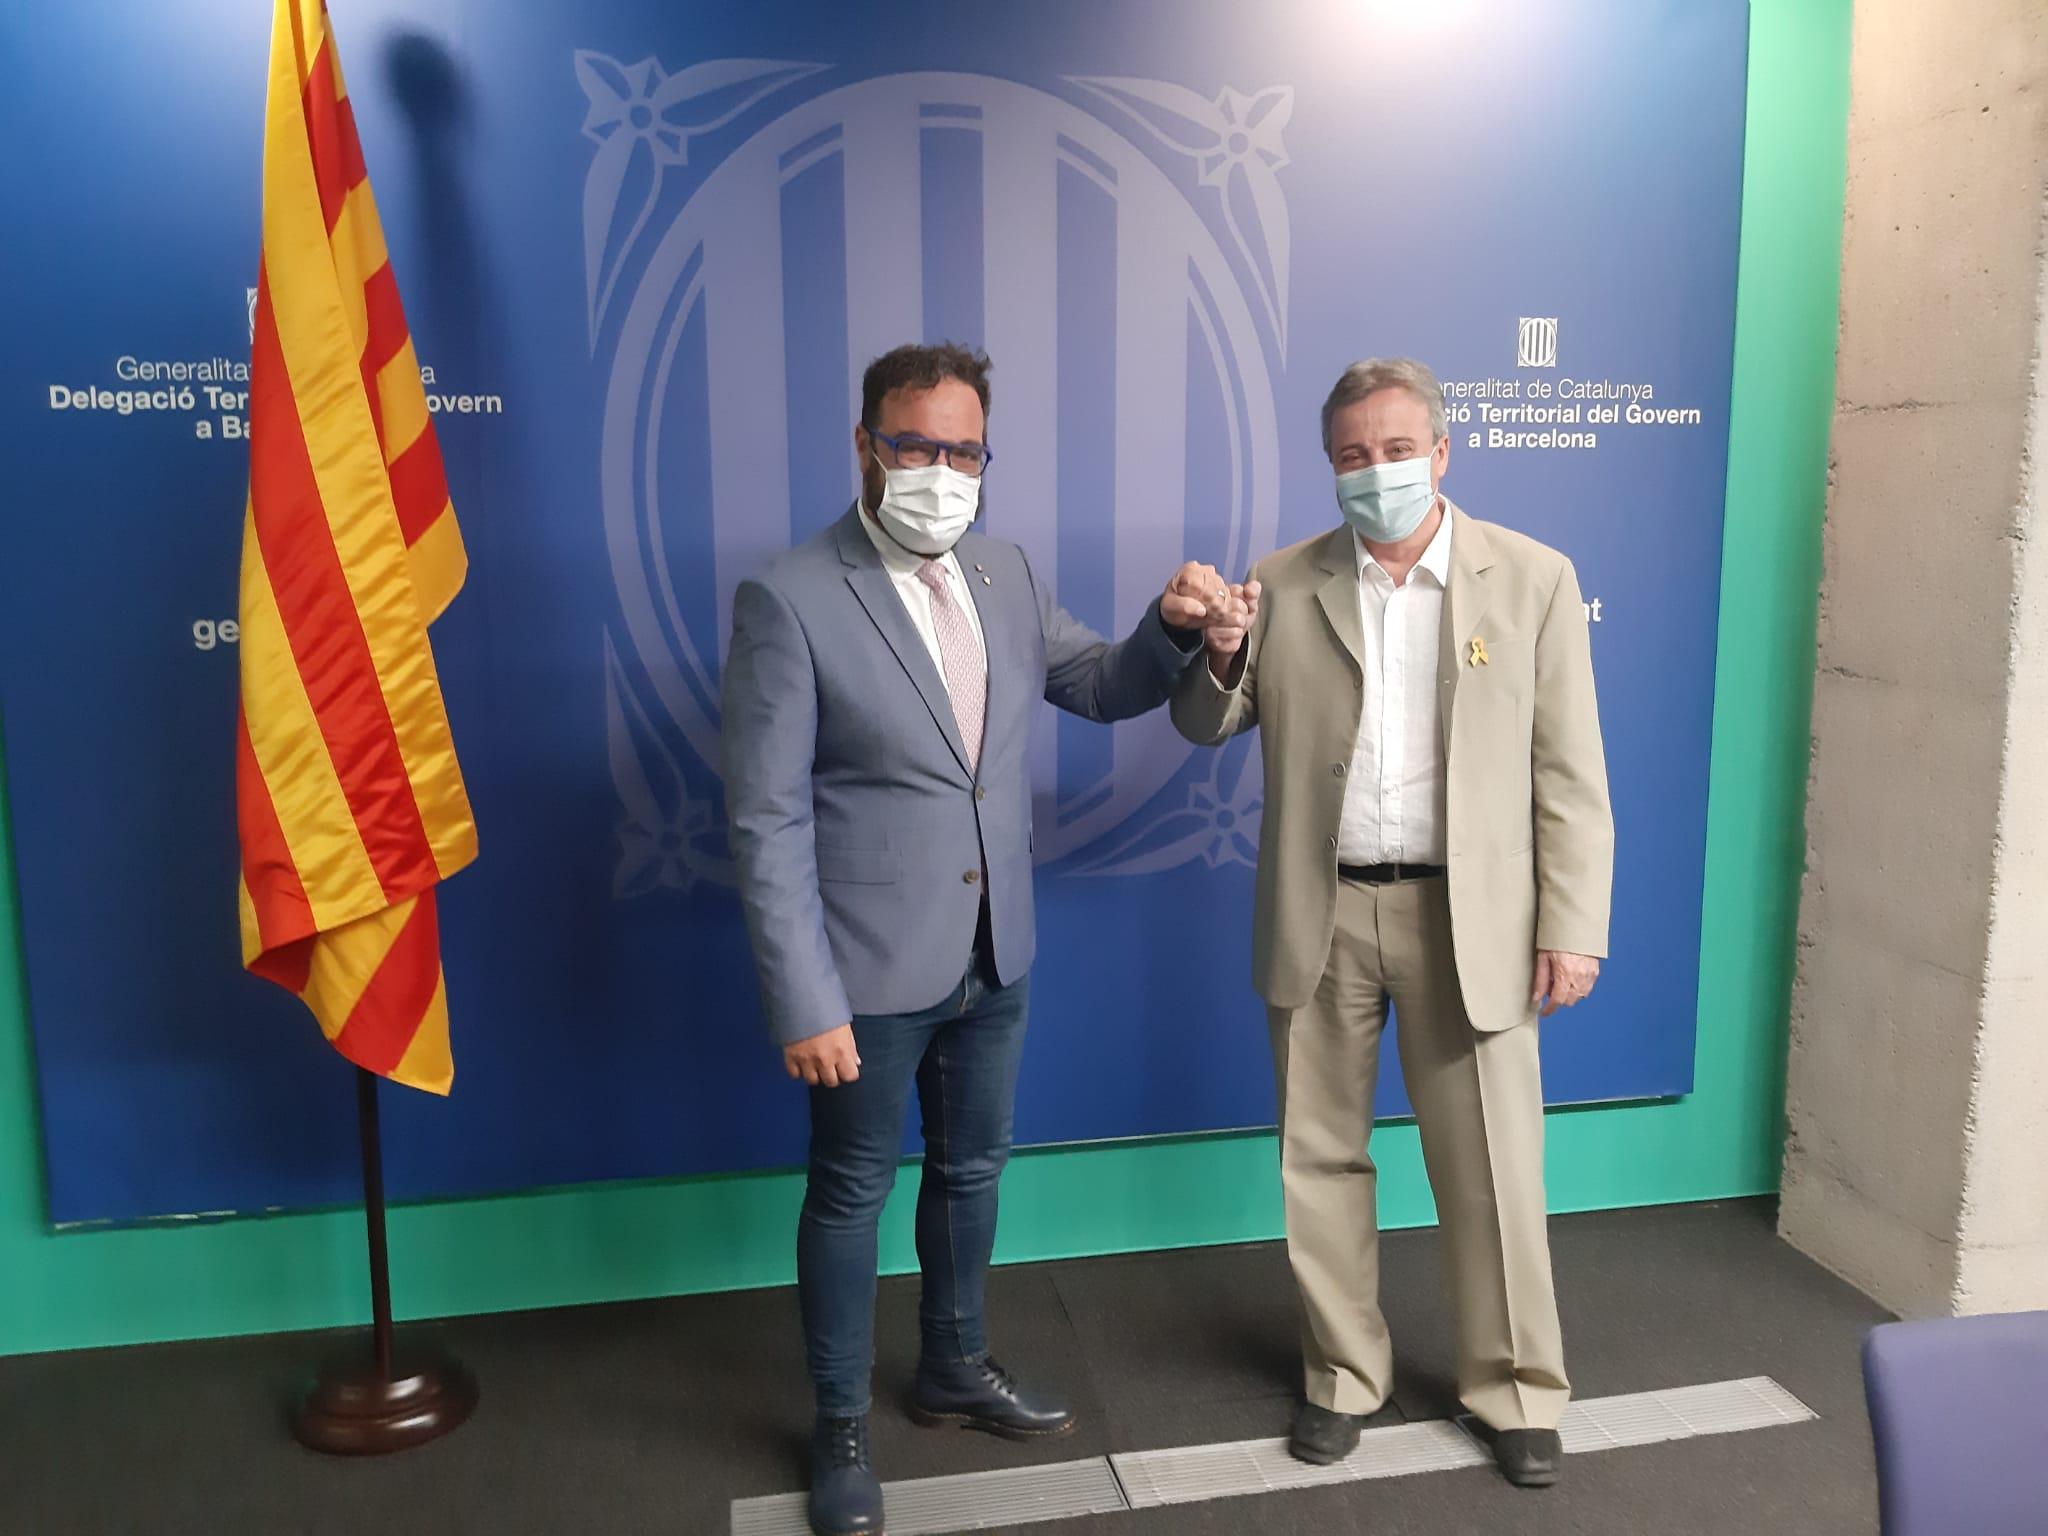 Acte de relleu amb el nou delegat territorial del Govern a Barcelona